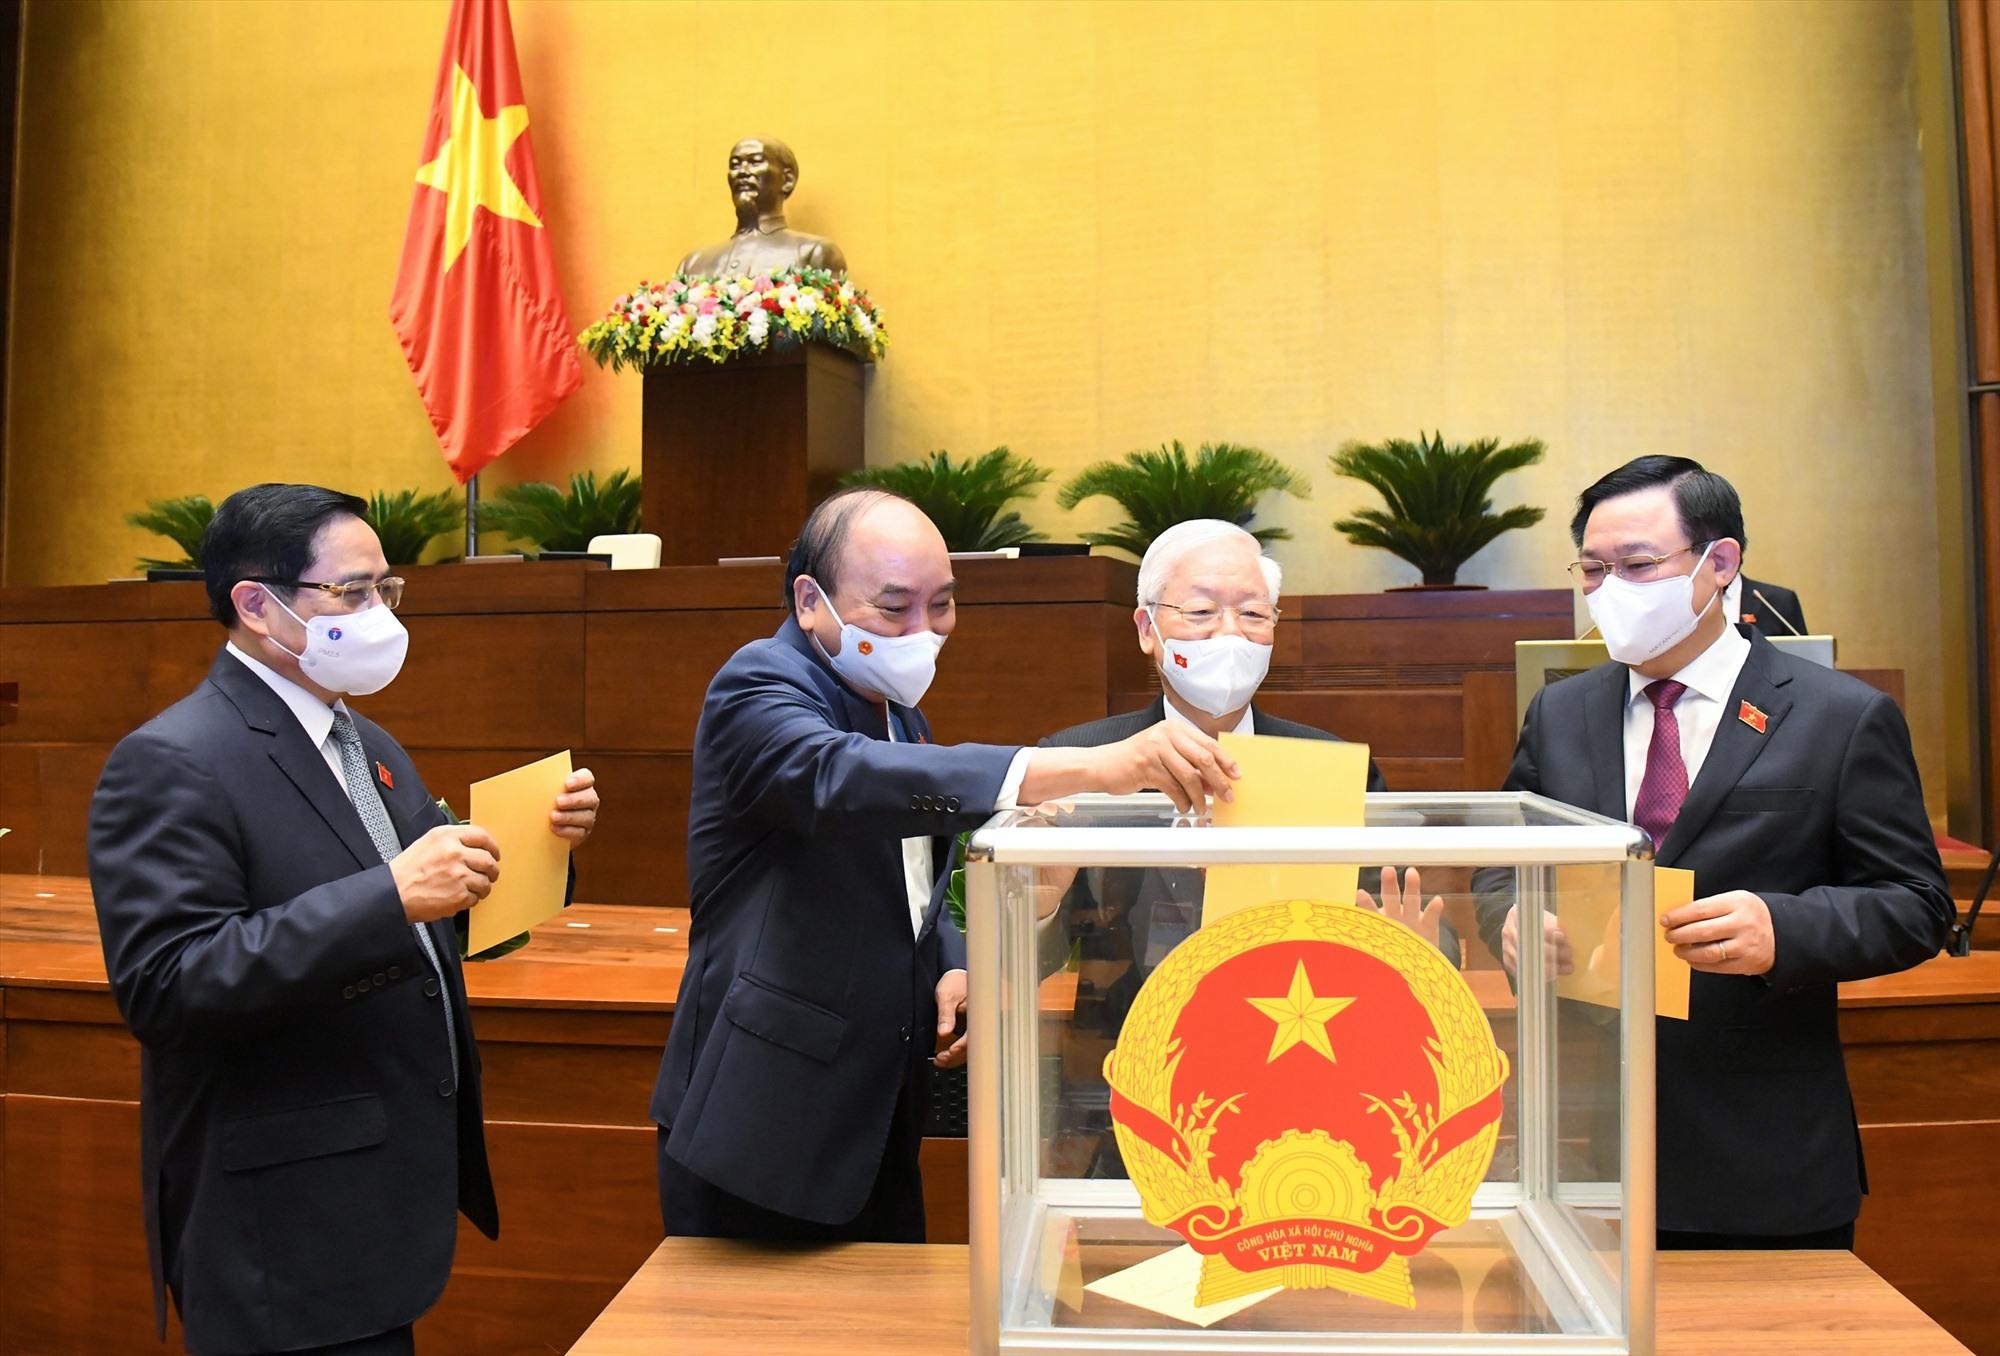 Các đồng chí lãnh đạo Đảng, Nhà nước bỏ phiếu bầu Chủ tịch nước sáng 26/7. Ảnh: VGP/Nhật Bắc